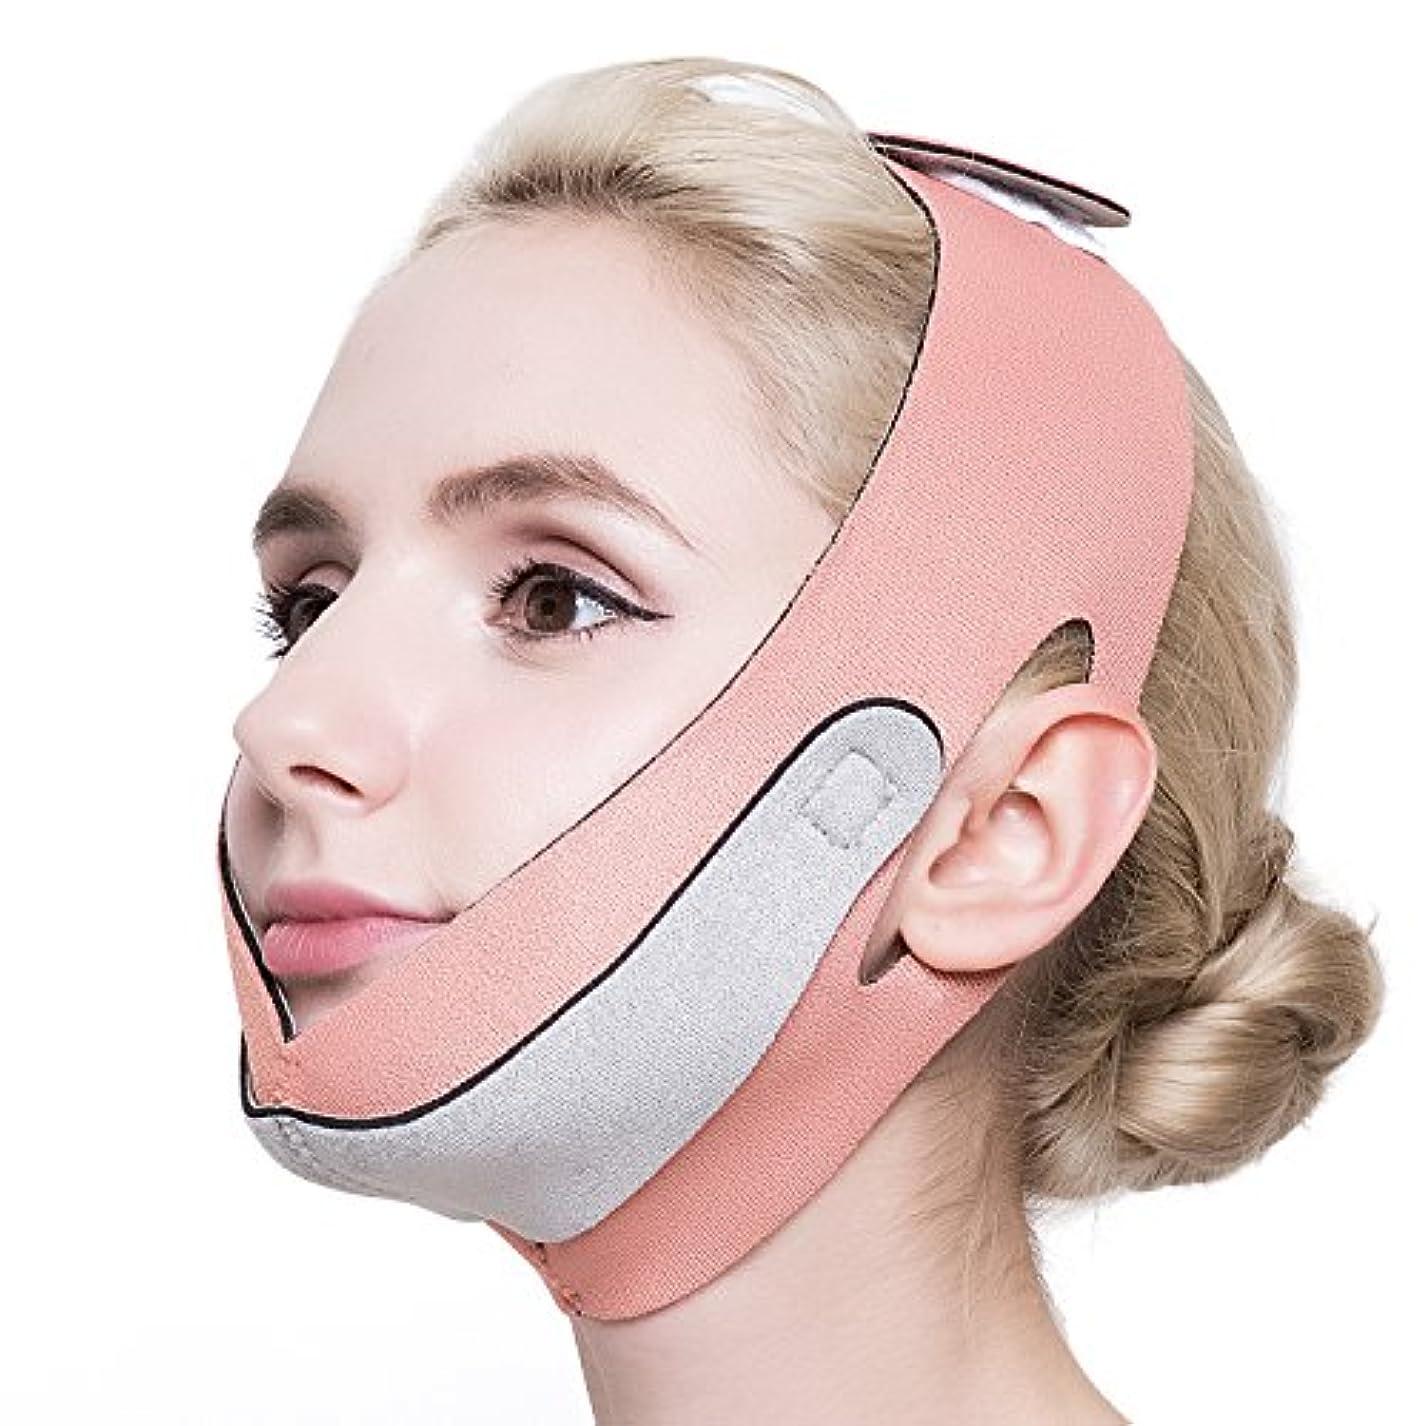 切り下げ変化する以前はPLEASINGSAN 小顔 矯正 顔痩せ グッズ フェイスマスク ベルト メンズ レディース